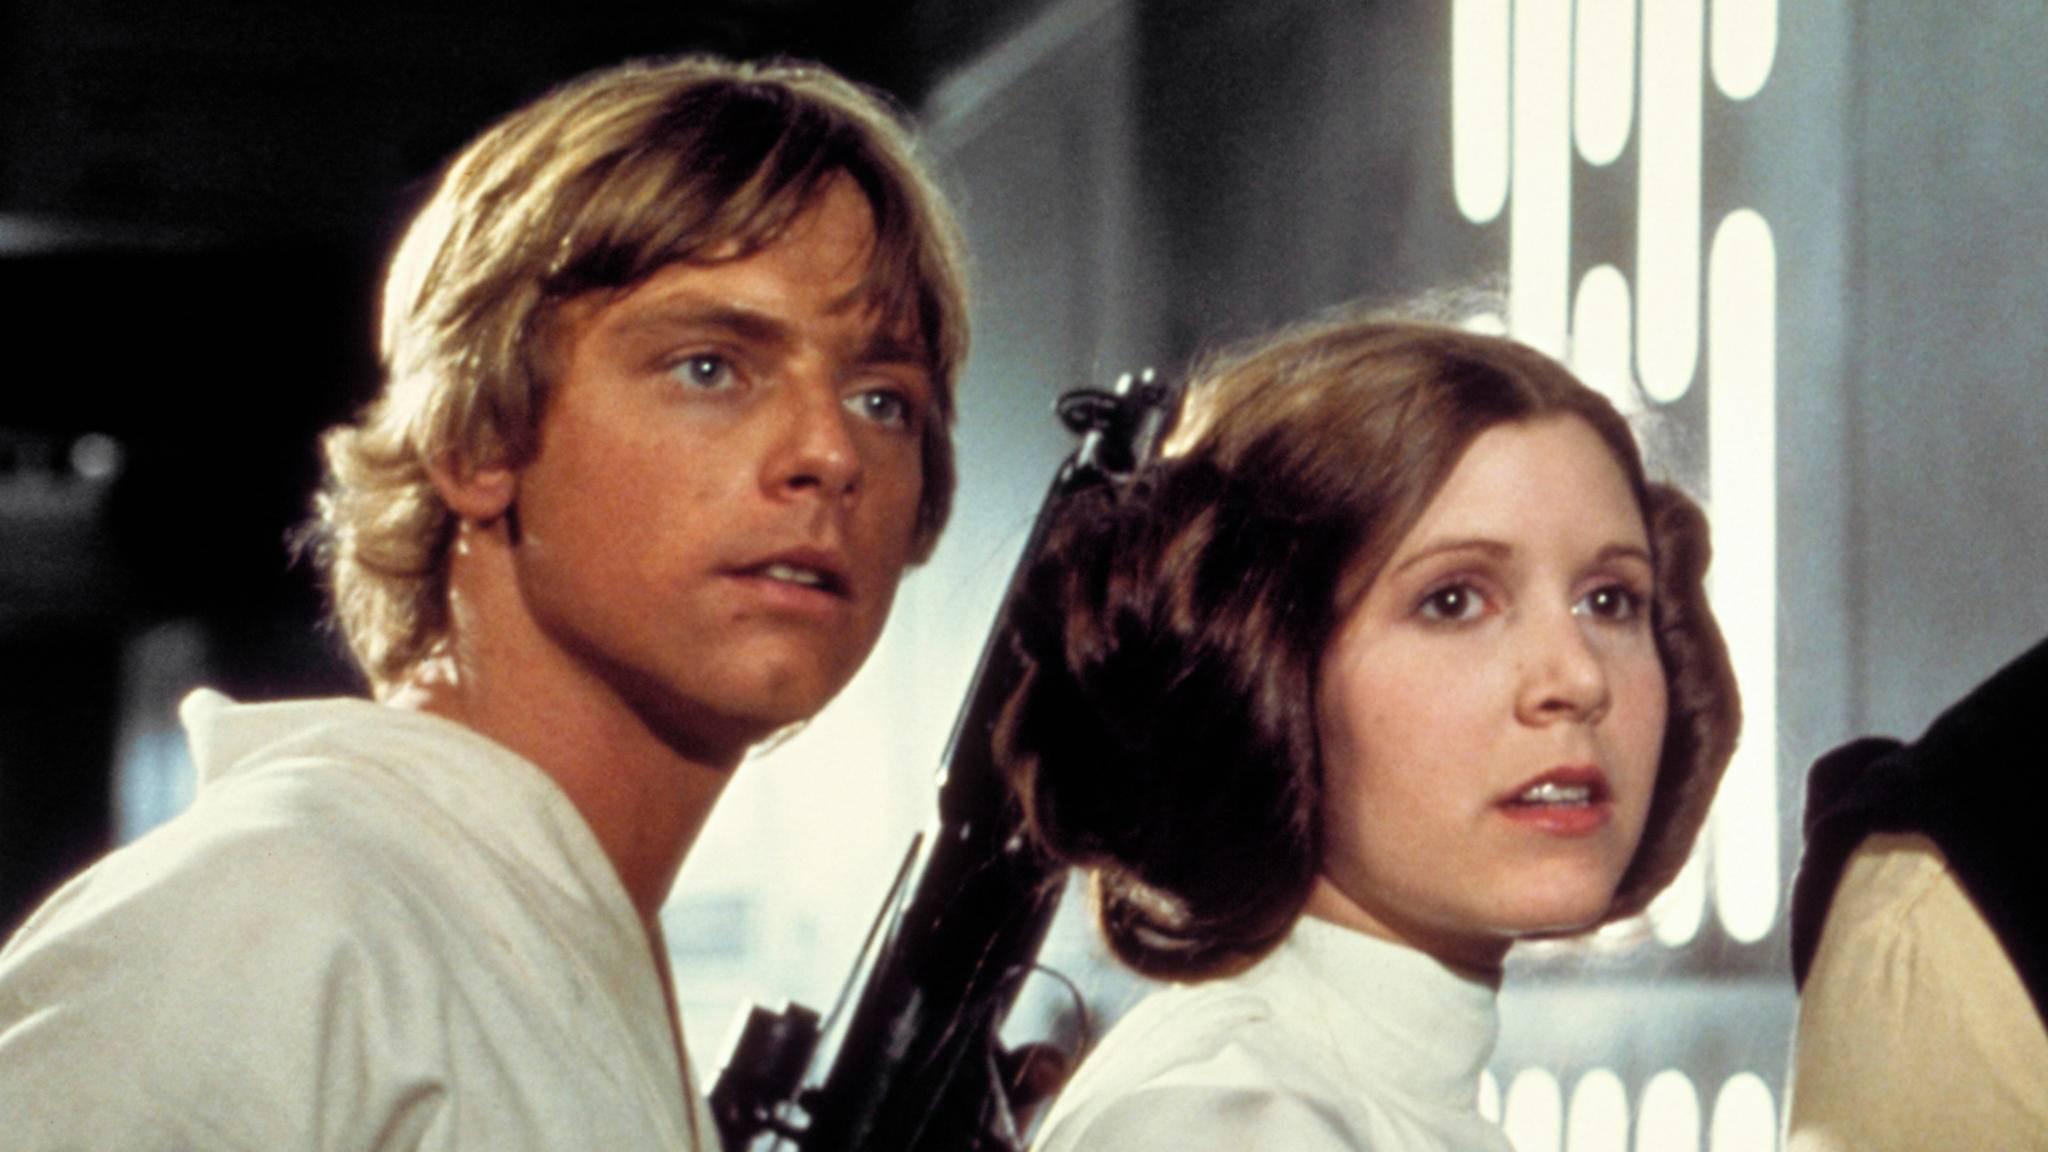 """""""Ein Prachtmädel hast du da! Entweder bringe ich sie jetzt um oder ich verliebe mich noch in sie."""" (Han Solo über Leia)"""